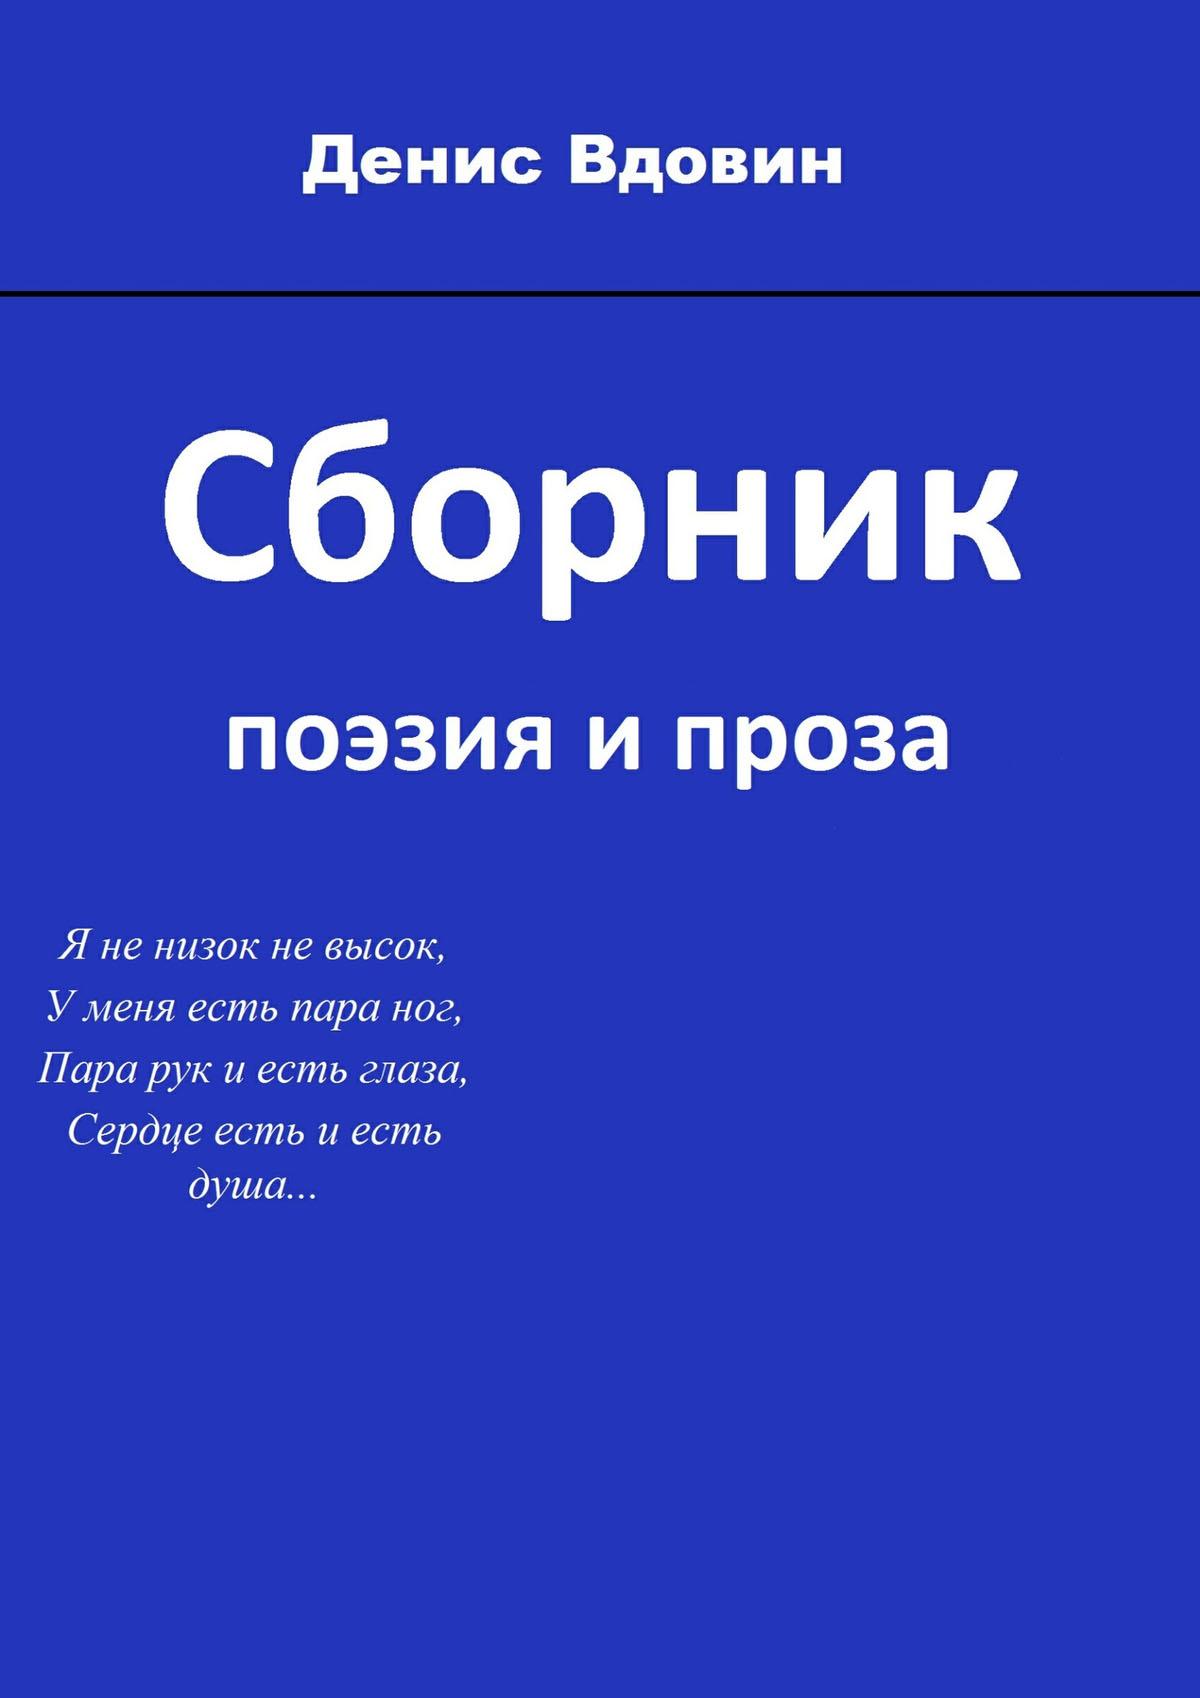 Денис Вдовин Сборник колчин денис подготовительный курс стихи